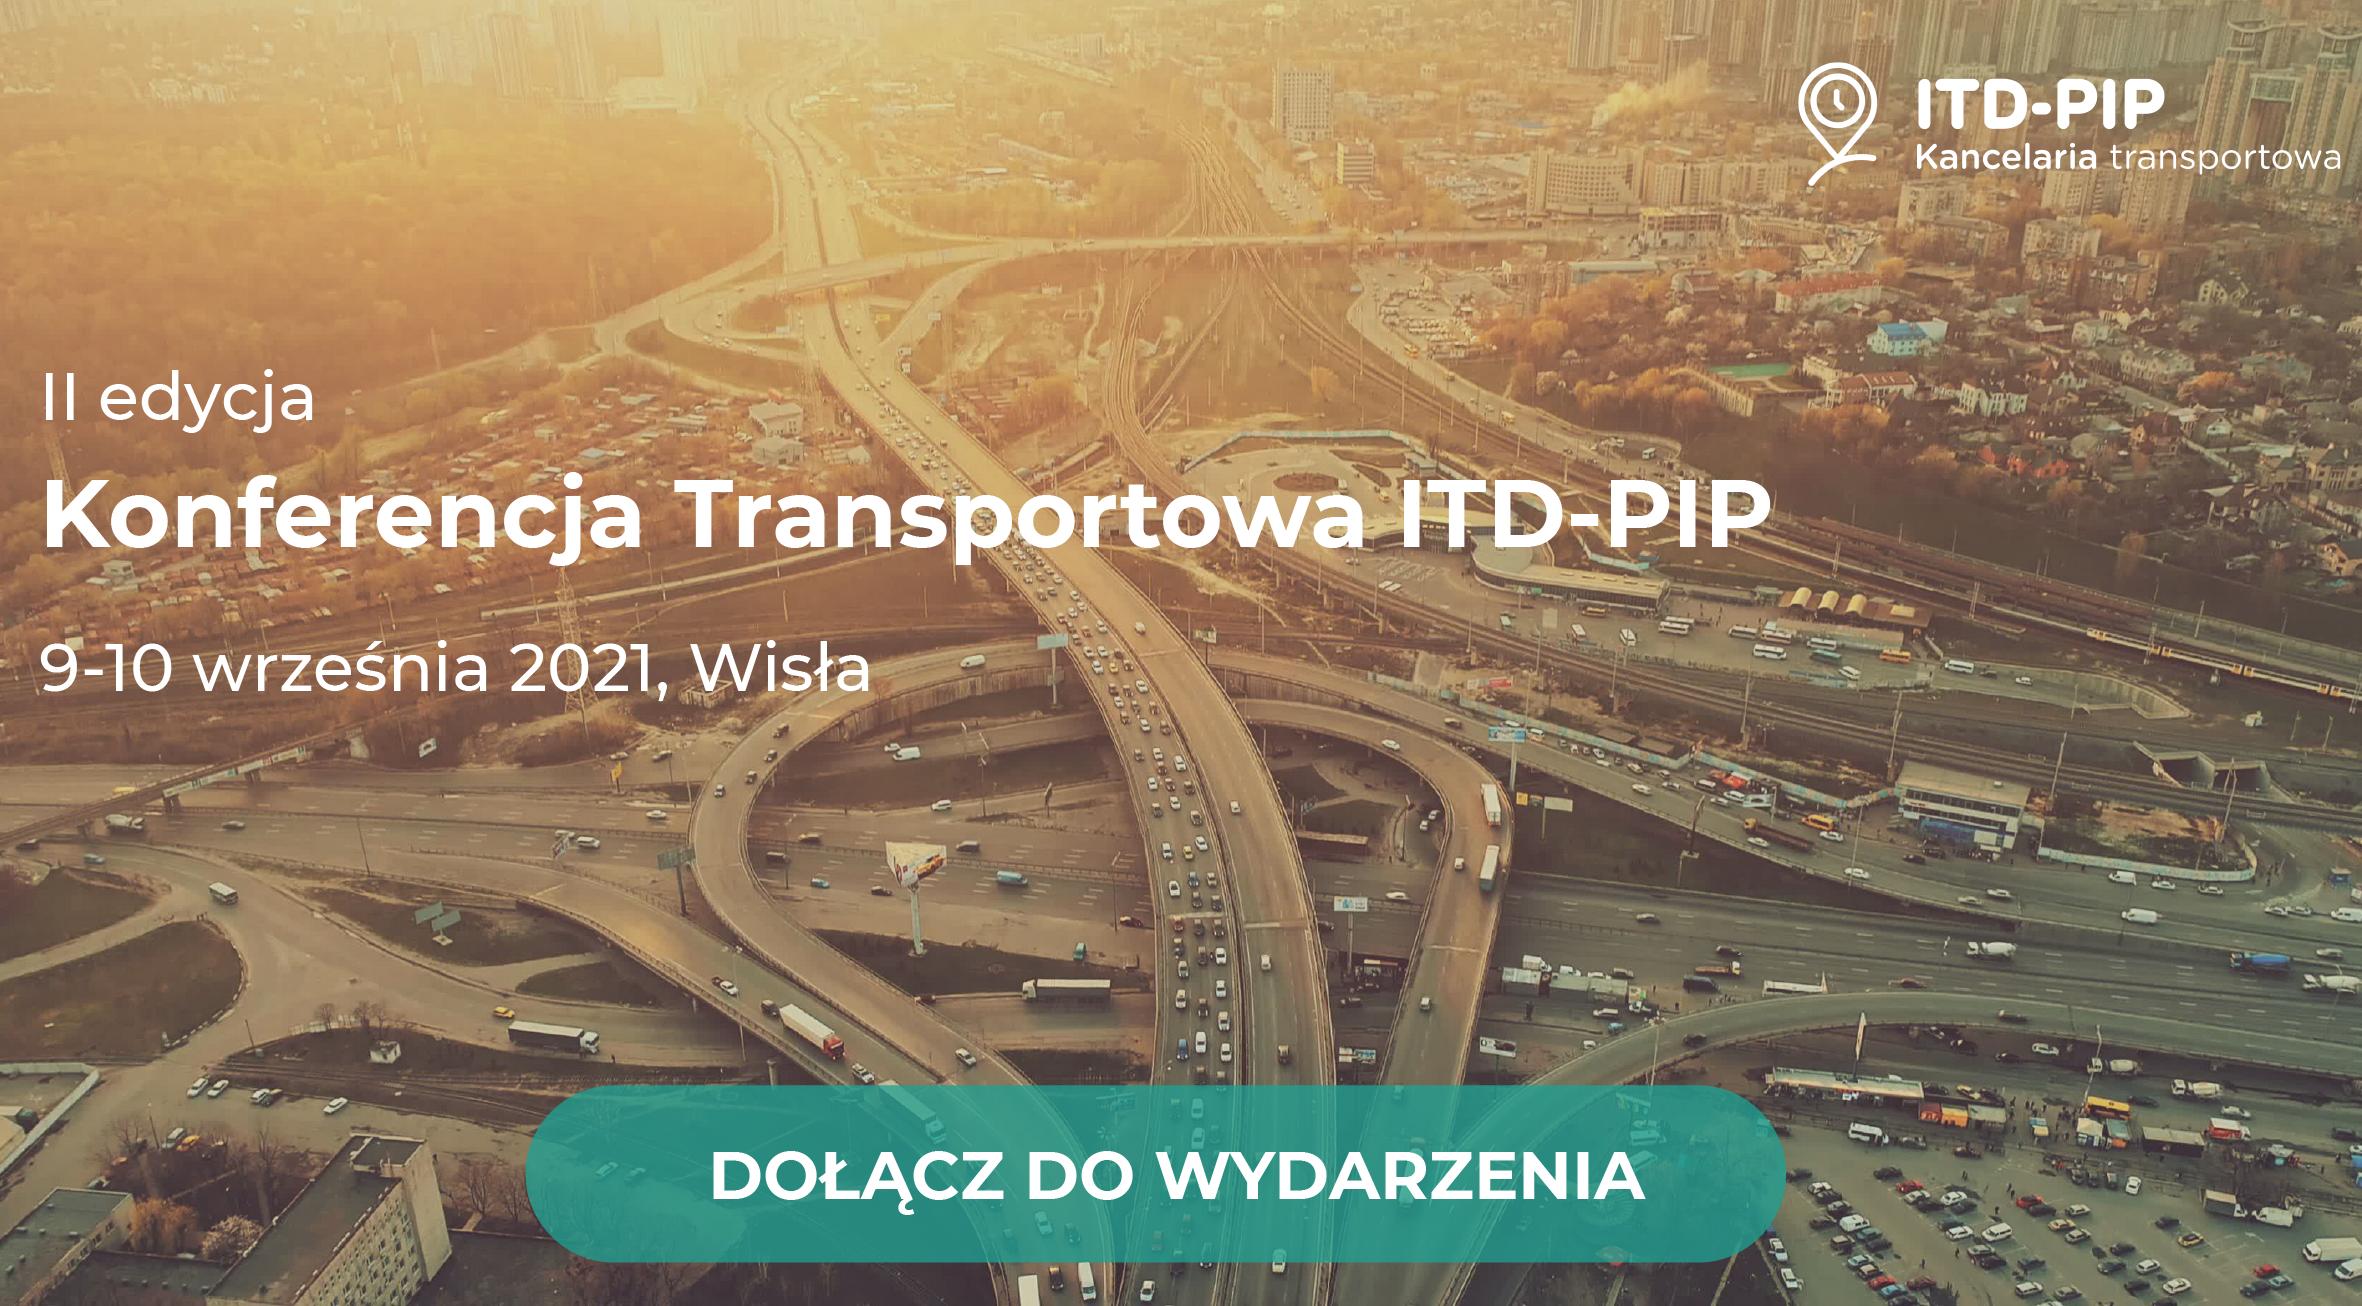 Konferencja Transportowa ITD-PIP